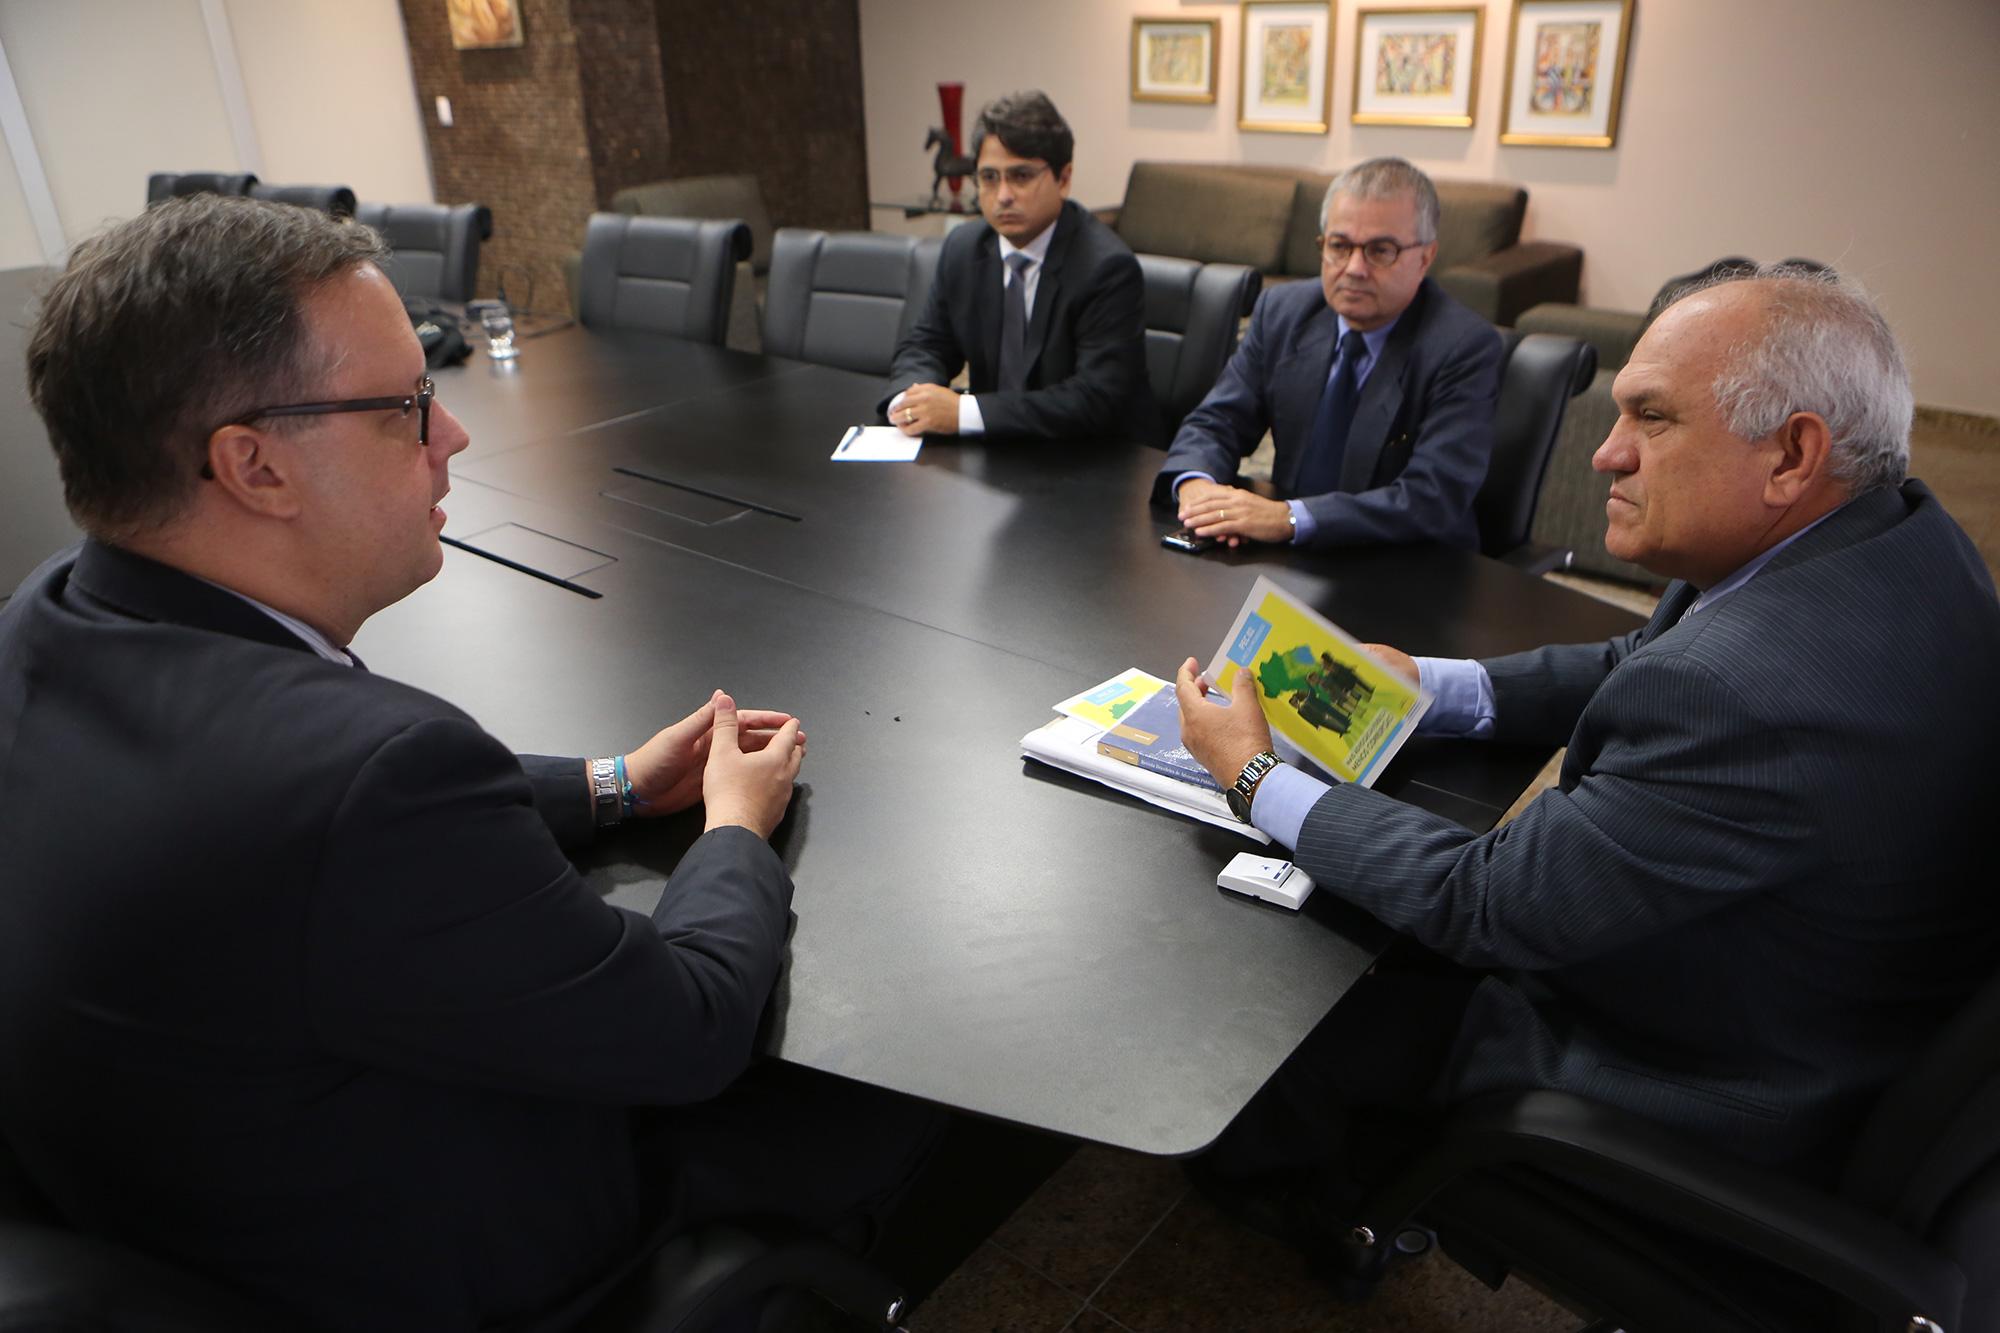 Visita da APE/AL ao TJ Alagoas